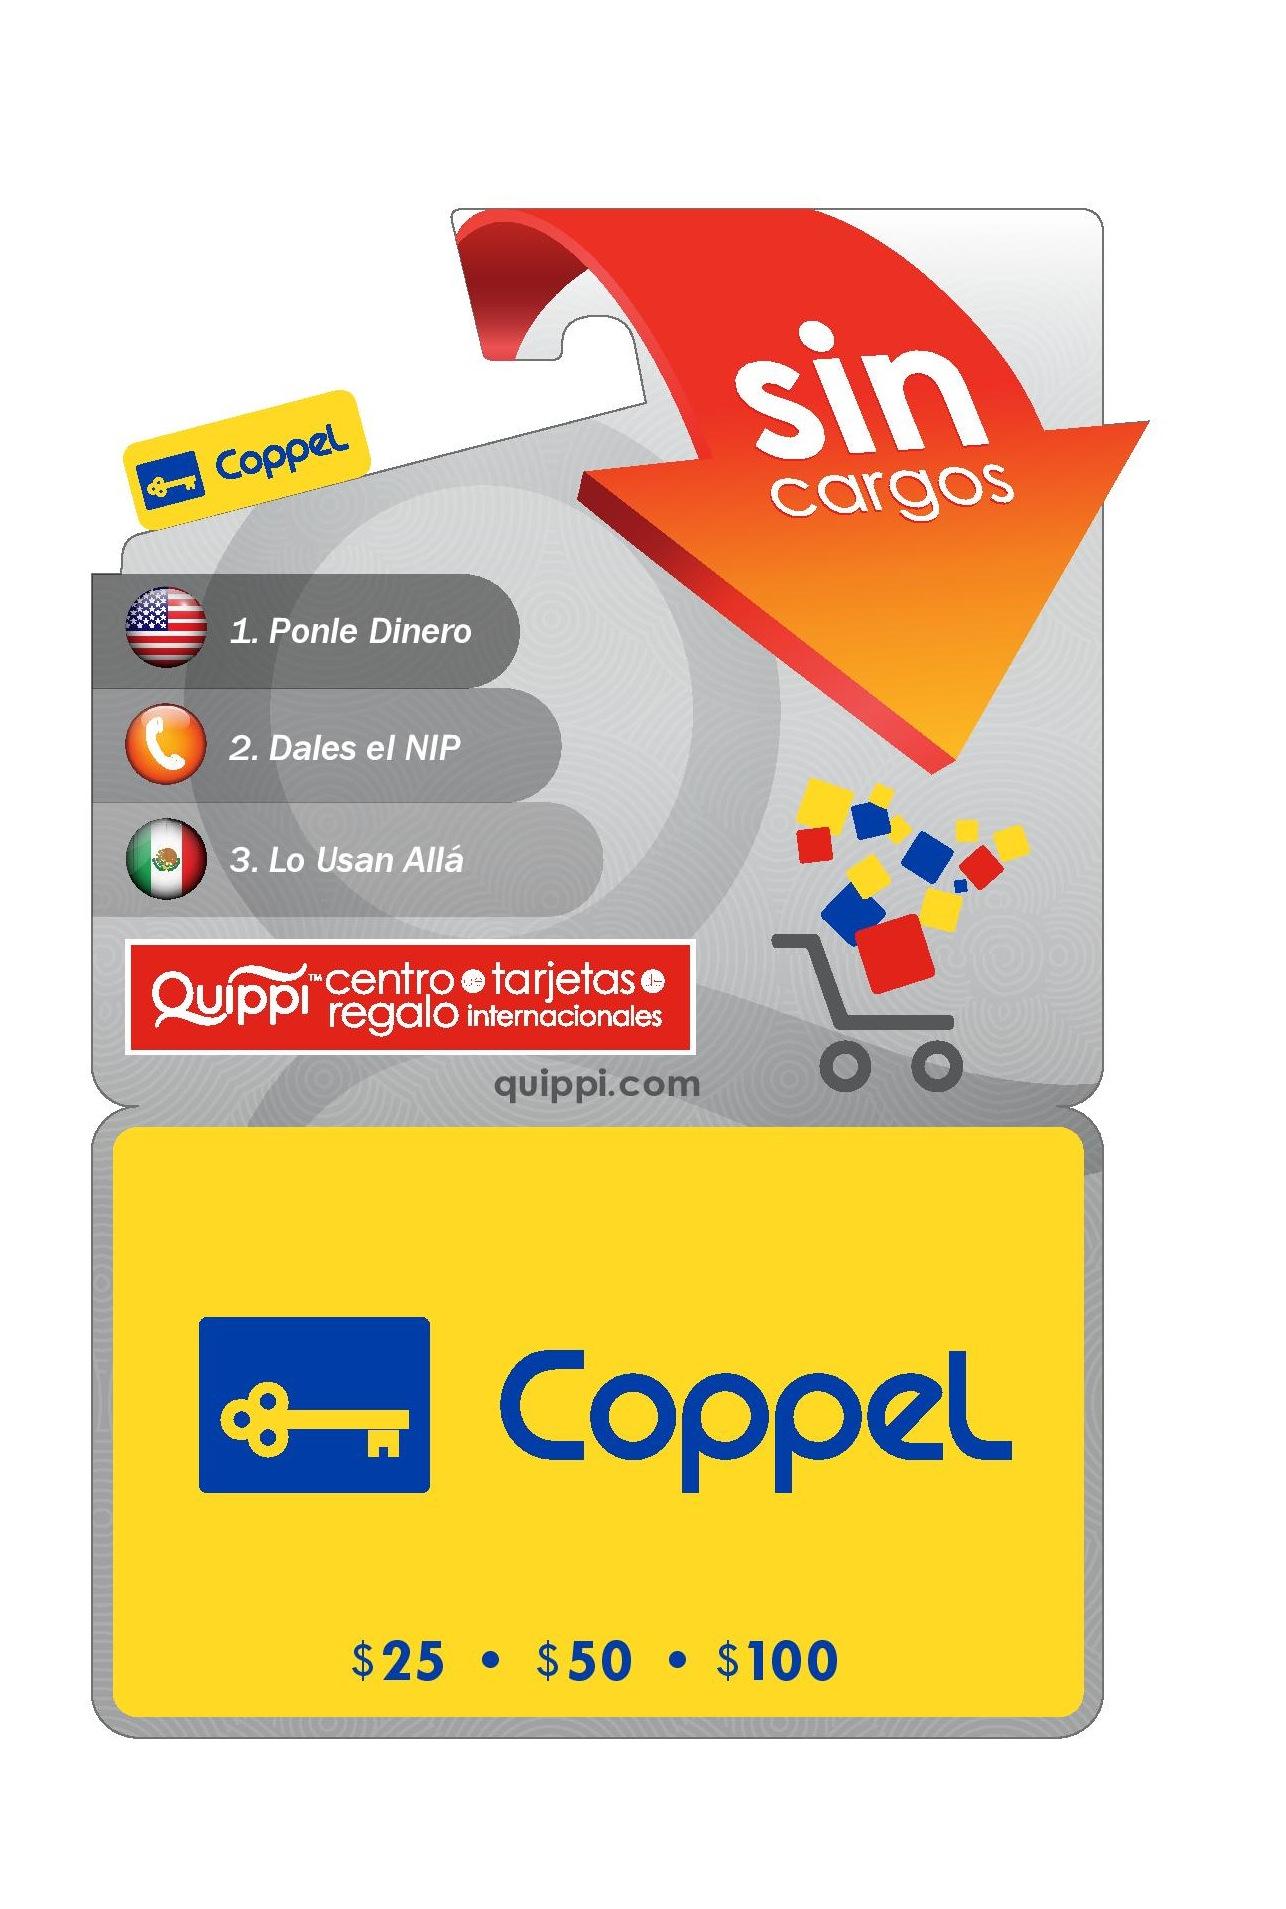 Quippi card